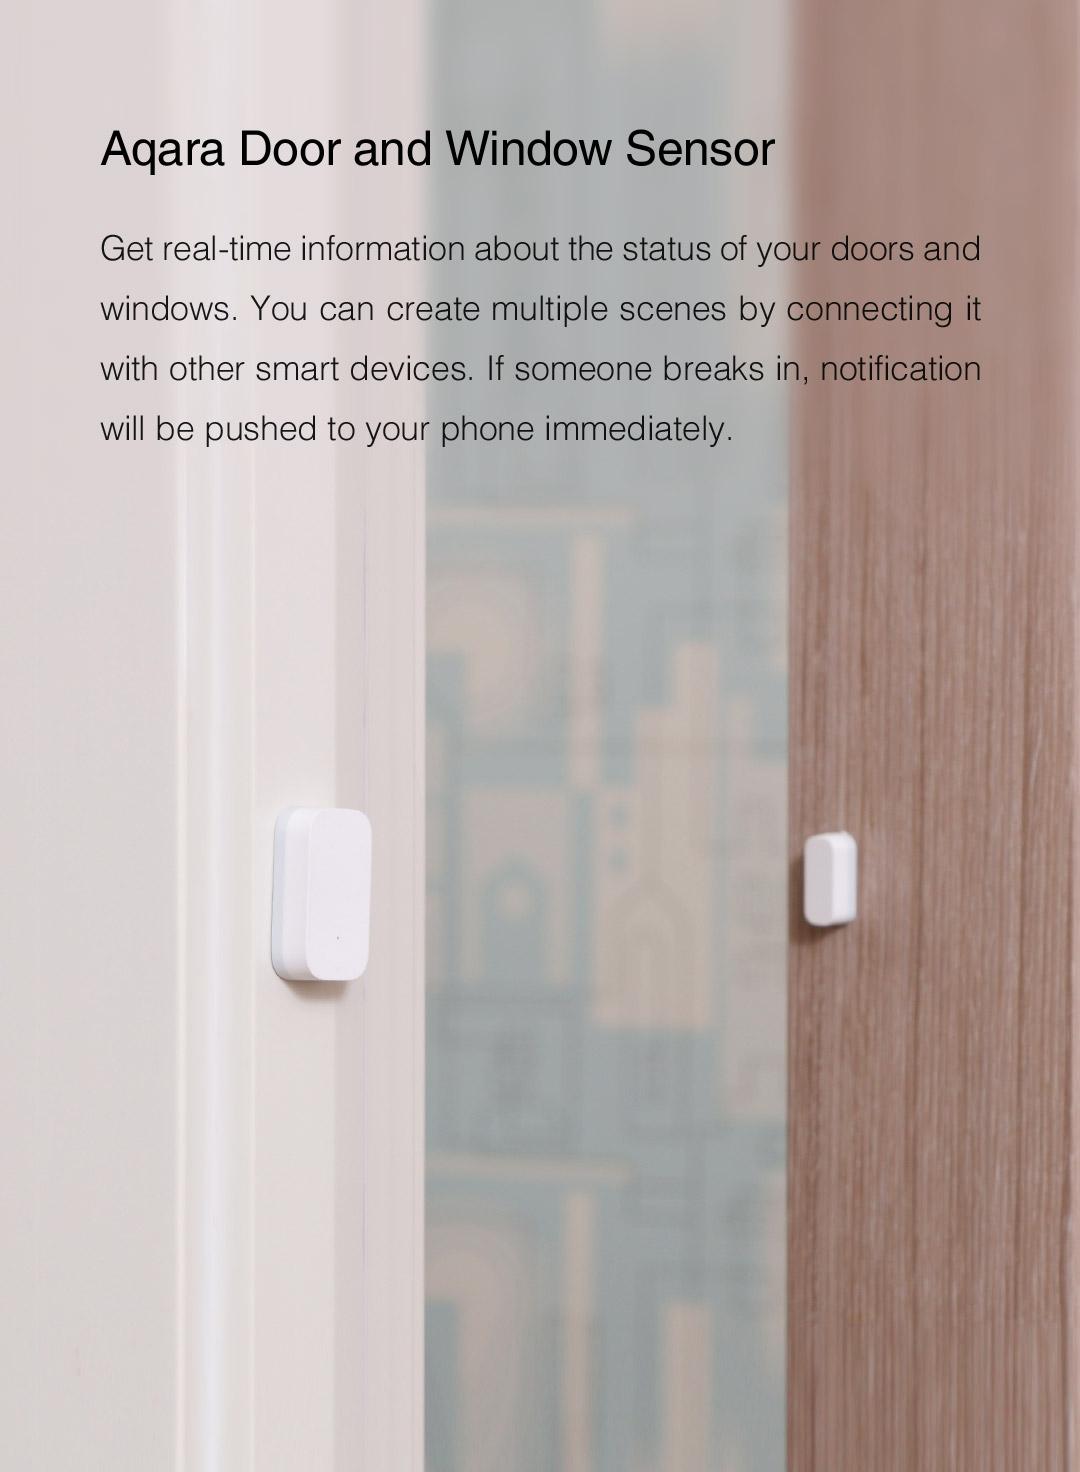 Aqara door and window sensor - smart home security sensor for every door and window.